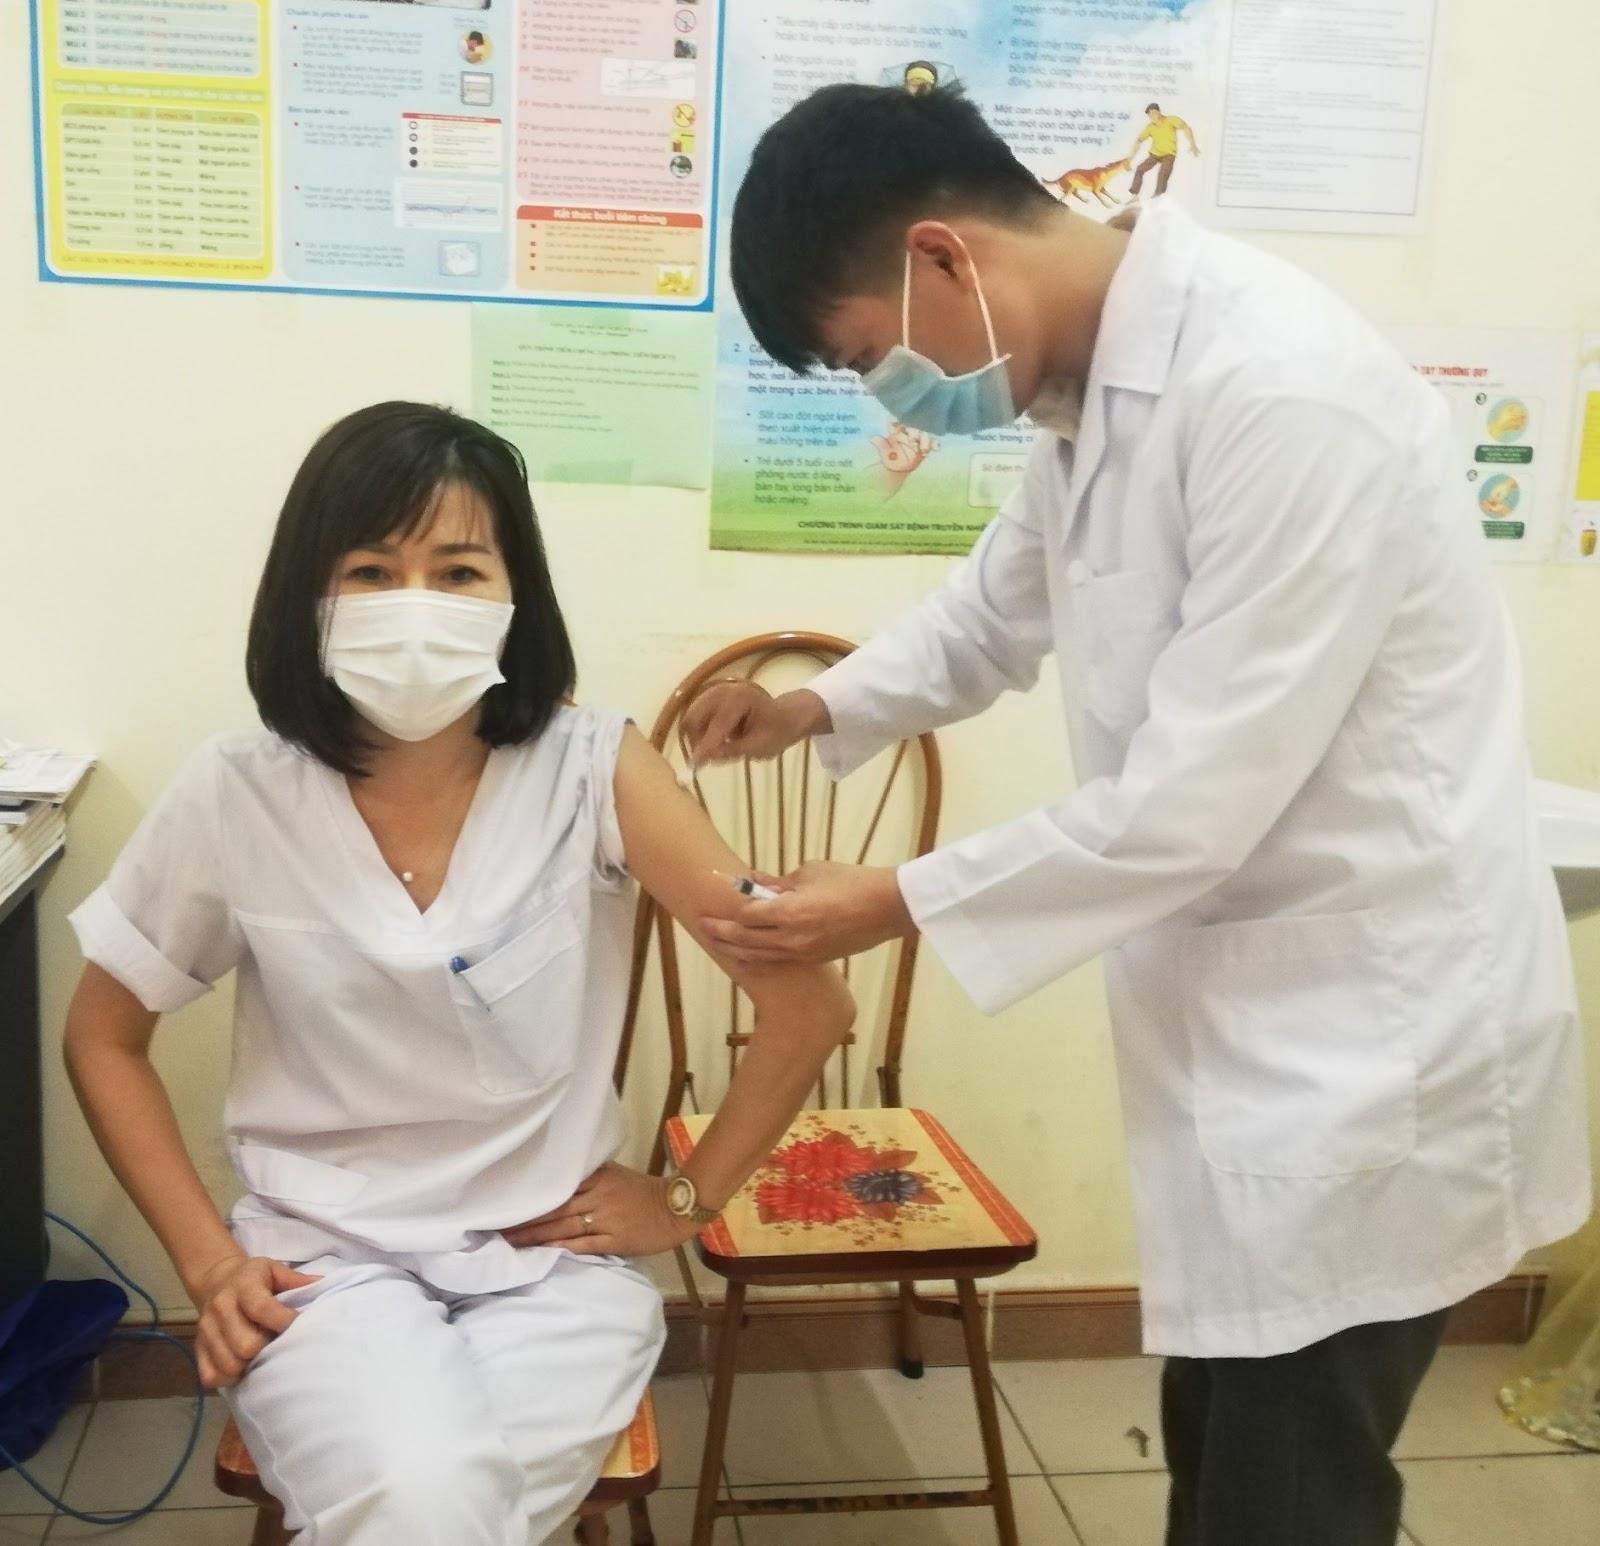 Triển khai kế hoạch tiêm vắc xin cúm mùa cho nhân viên y tế   trên địa bàn thành phố Móng Cái